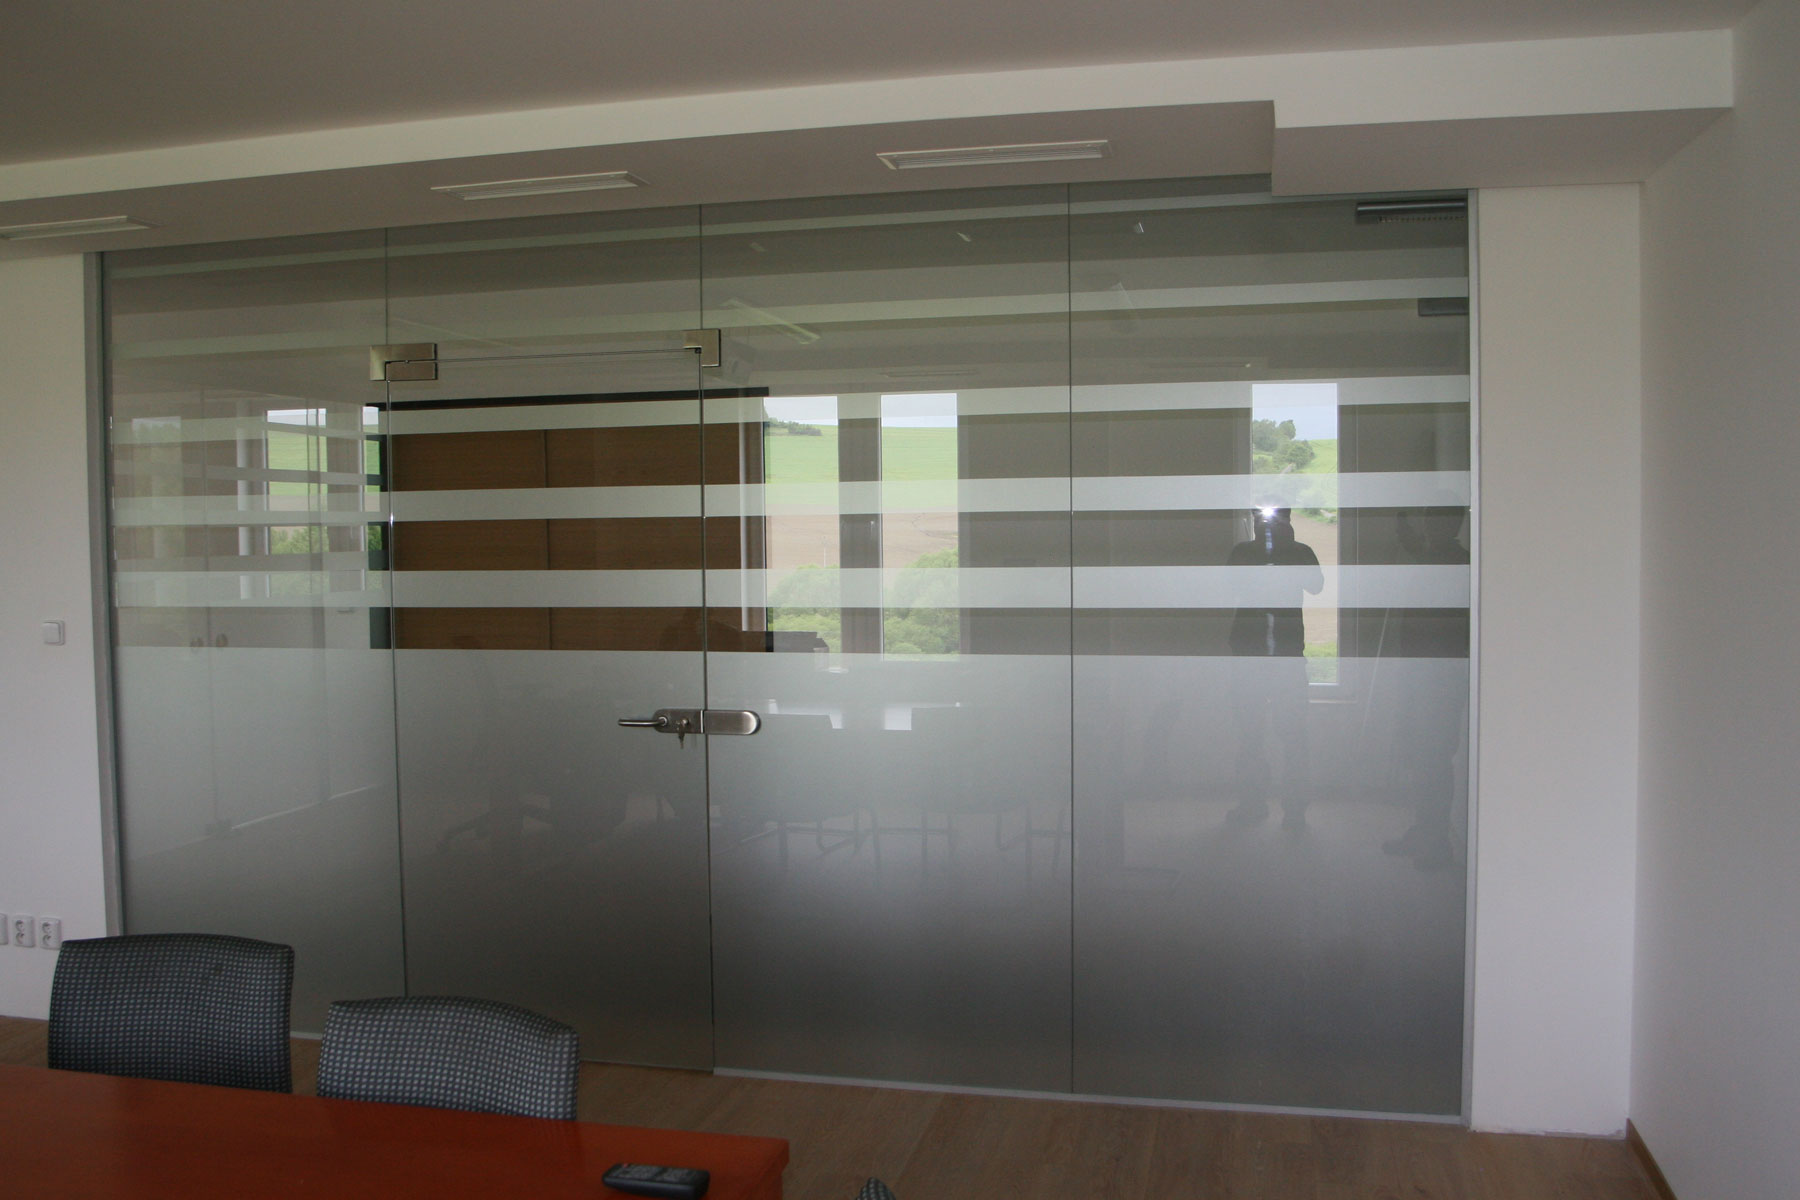 Sklenarstvi-Prerost-sklenene- steny-a-dvere (5)